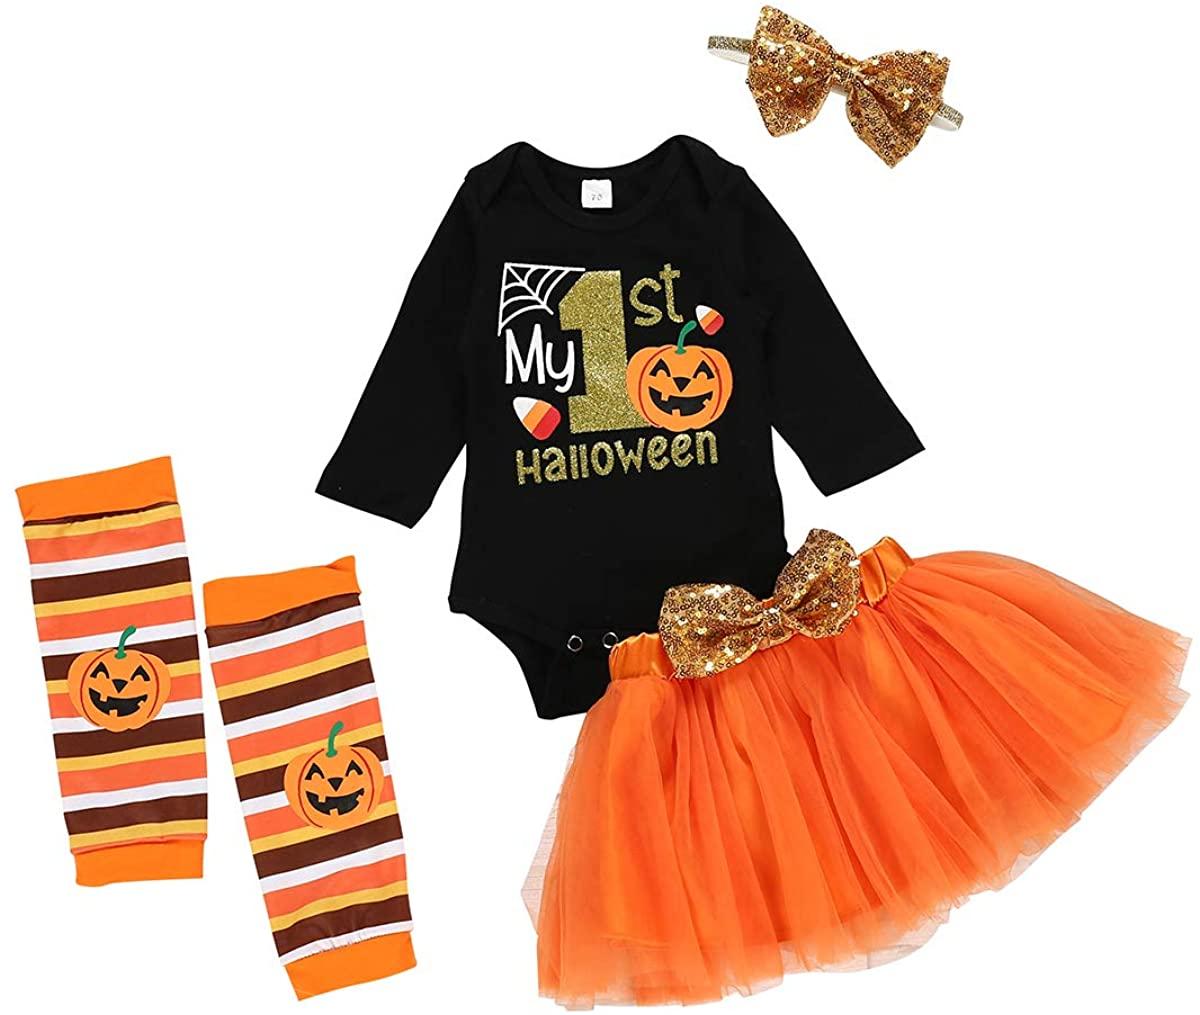 Baby Girl Halloween Outfits My 1st Halloween Outfits Pumpkin Print Romper +Tutu Skirt+Leg Warmer+Headband 4PCS Skirt Set